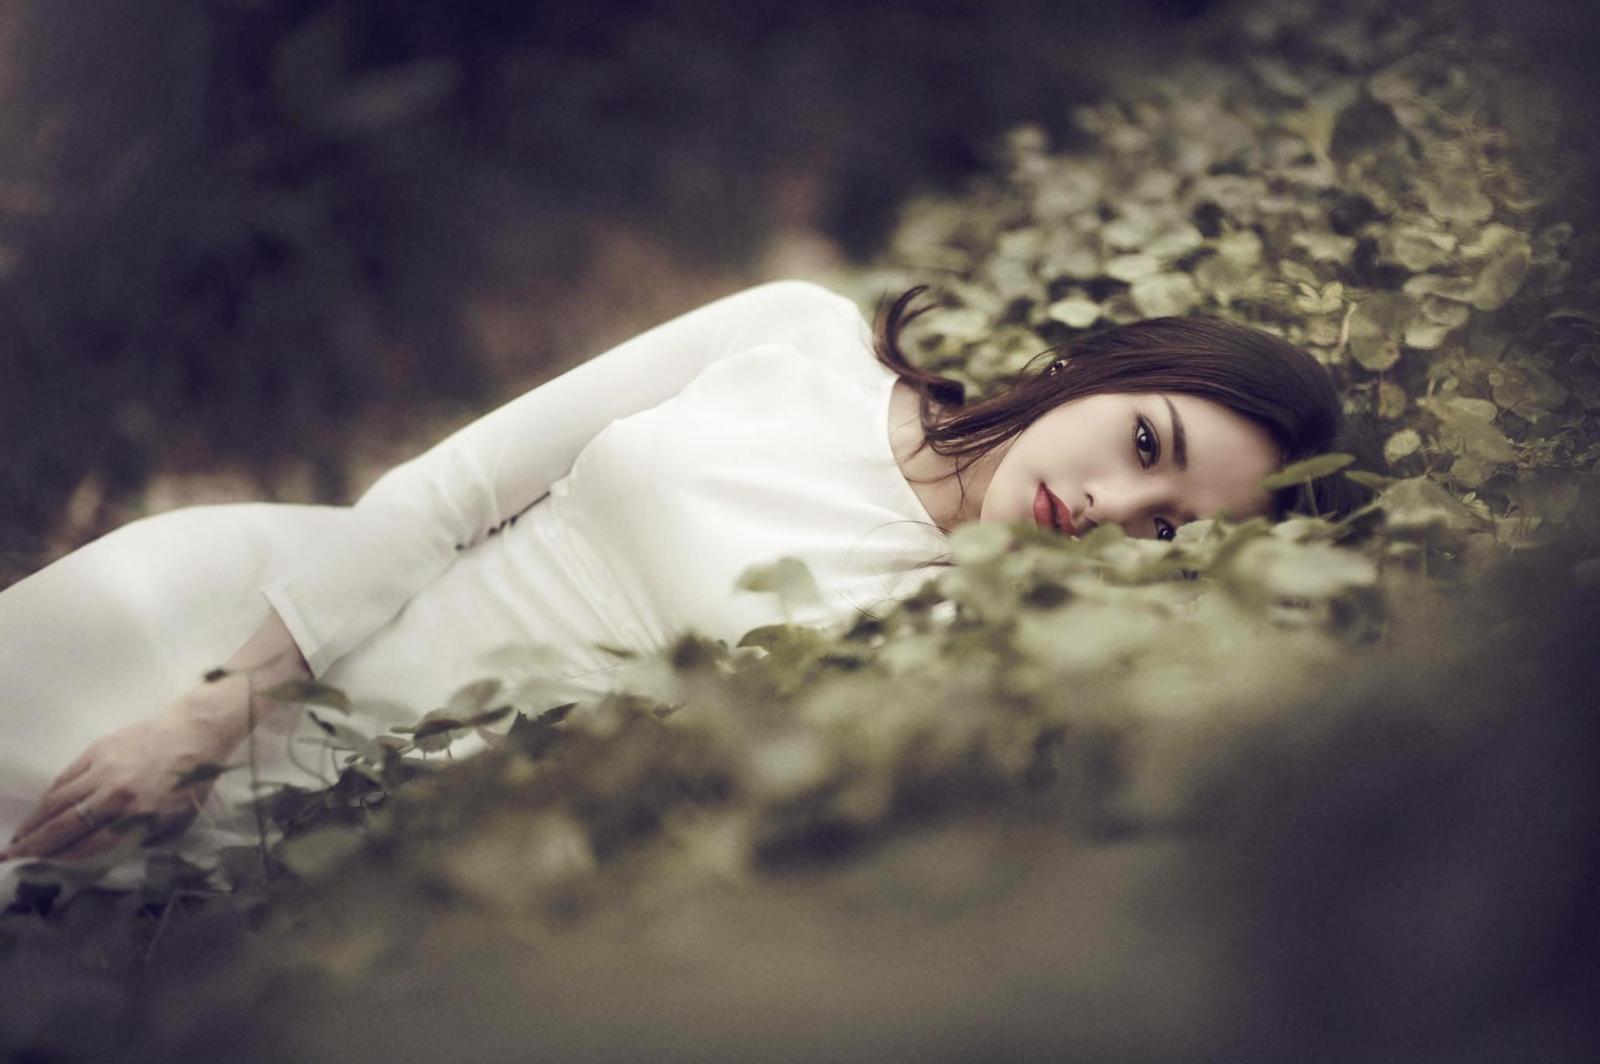 Cuộc đời đàn bà hạnh phúc: 3 điều không giải thích, 3 loại người không để tâm - Ảnh 4